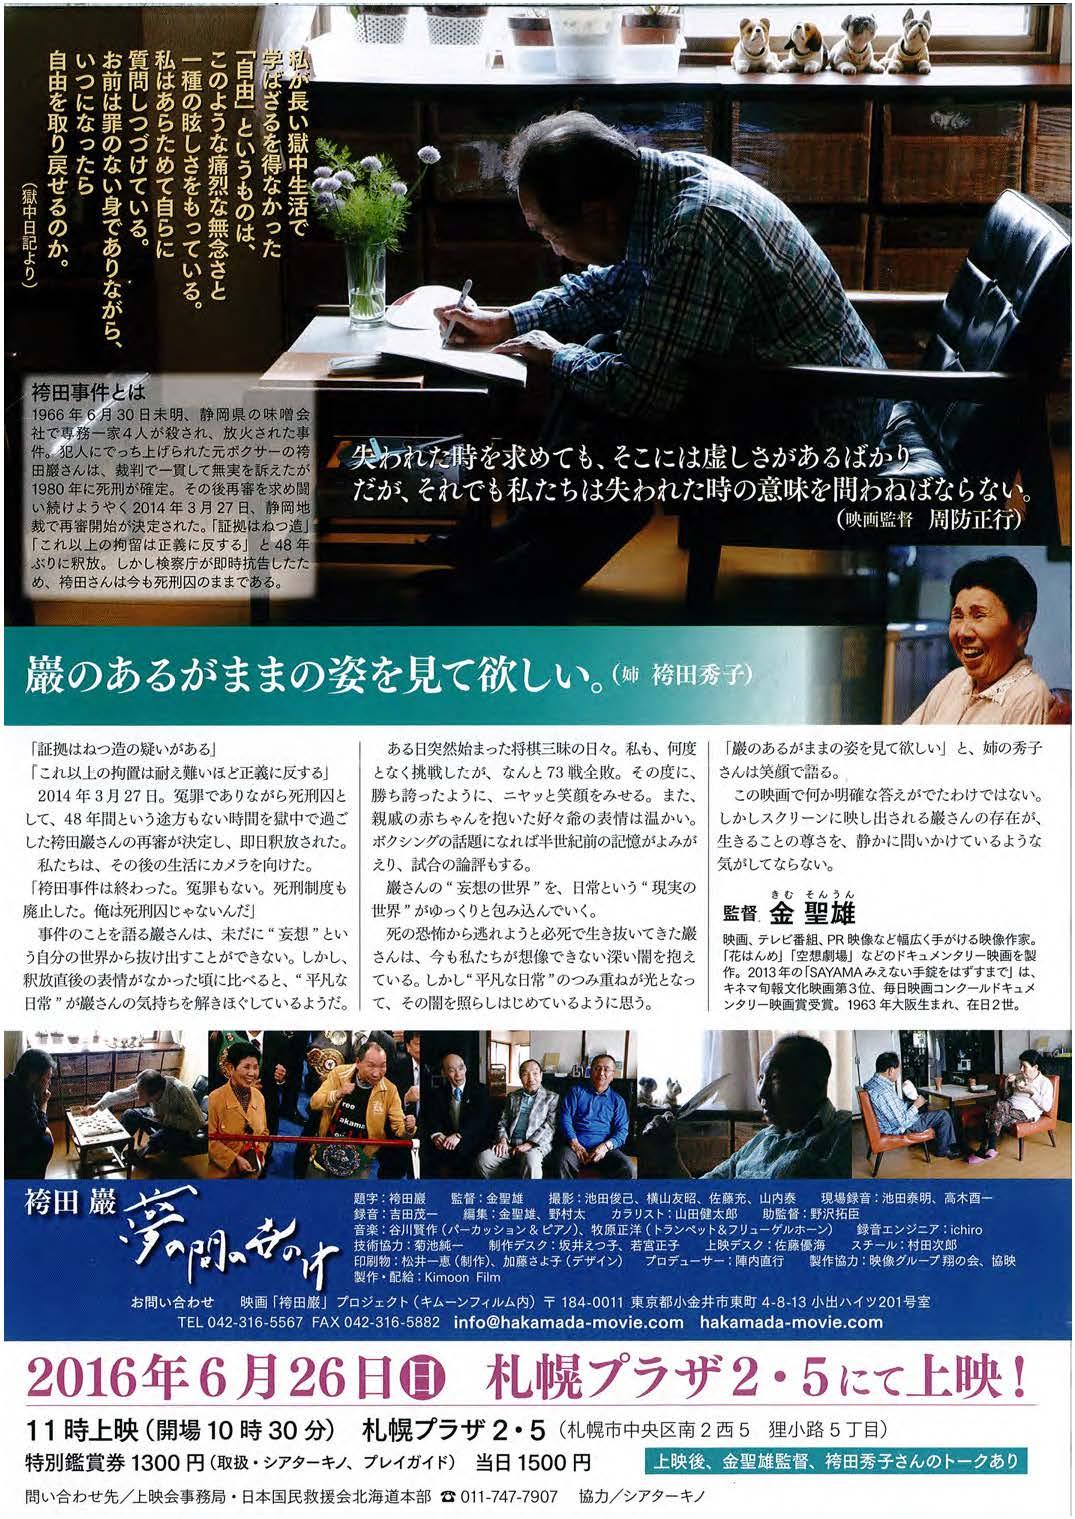 袴田事件ドキュメント映画_ページ_2